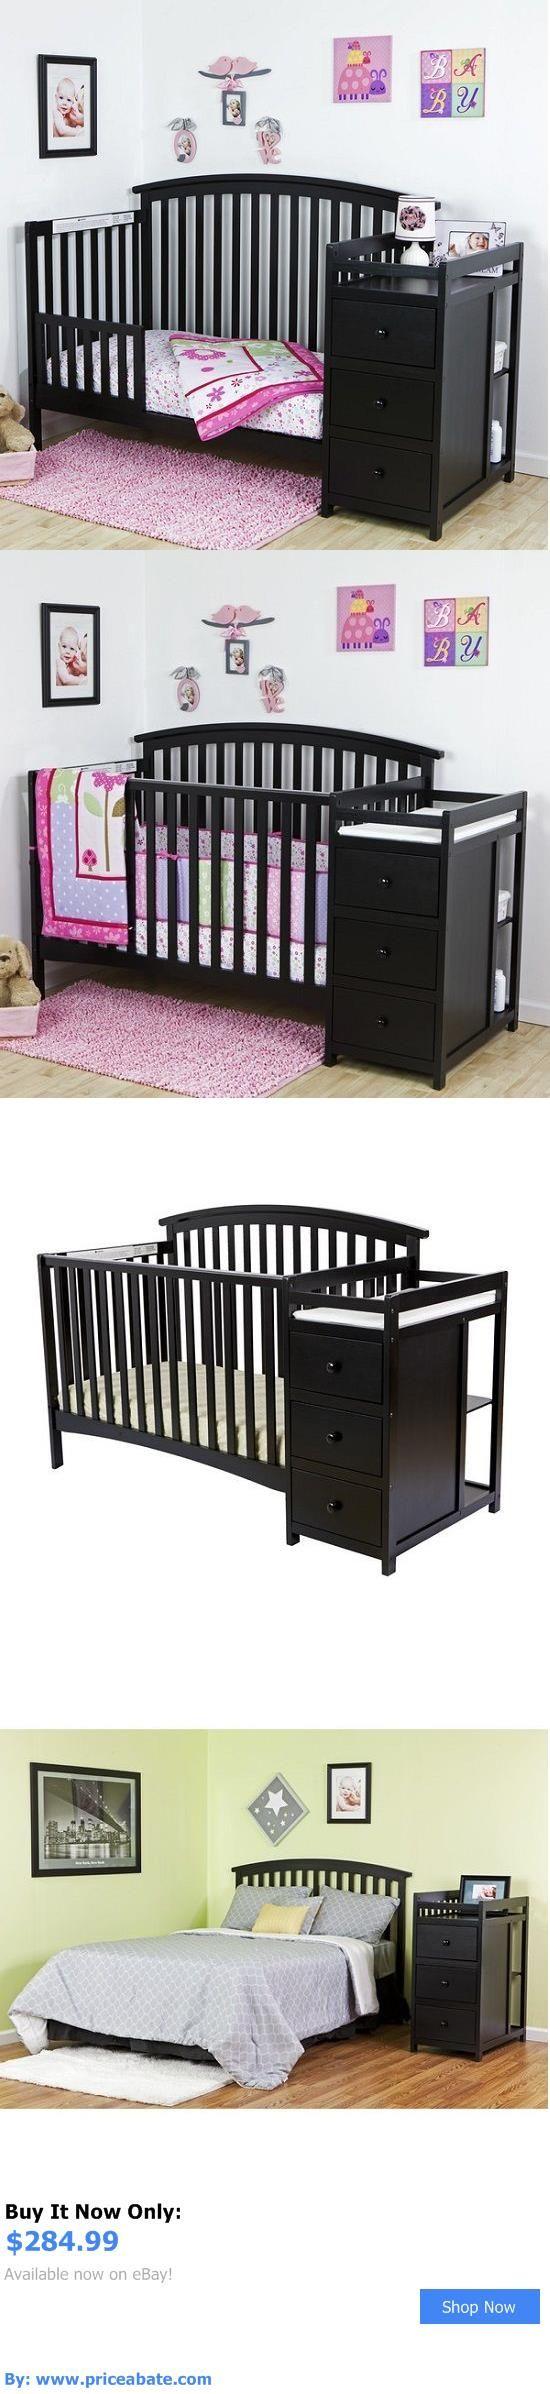 Baby Nursery: Convertible Crib Set Black 5-In-1 Changer Nursery Baby Toddler Bed Furniture New BUY IT NOW ONLY: $284.99 #priceabateBabyNursery OR #priceabate